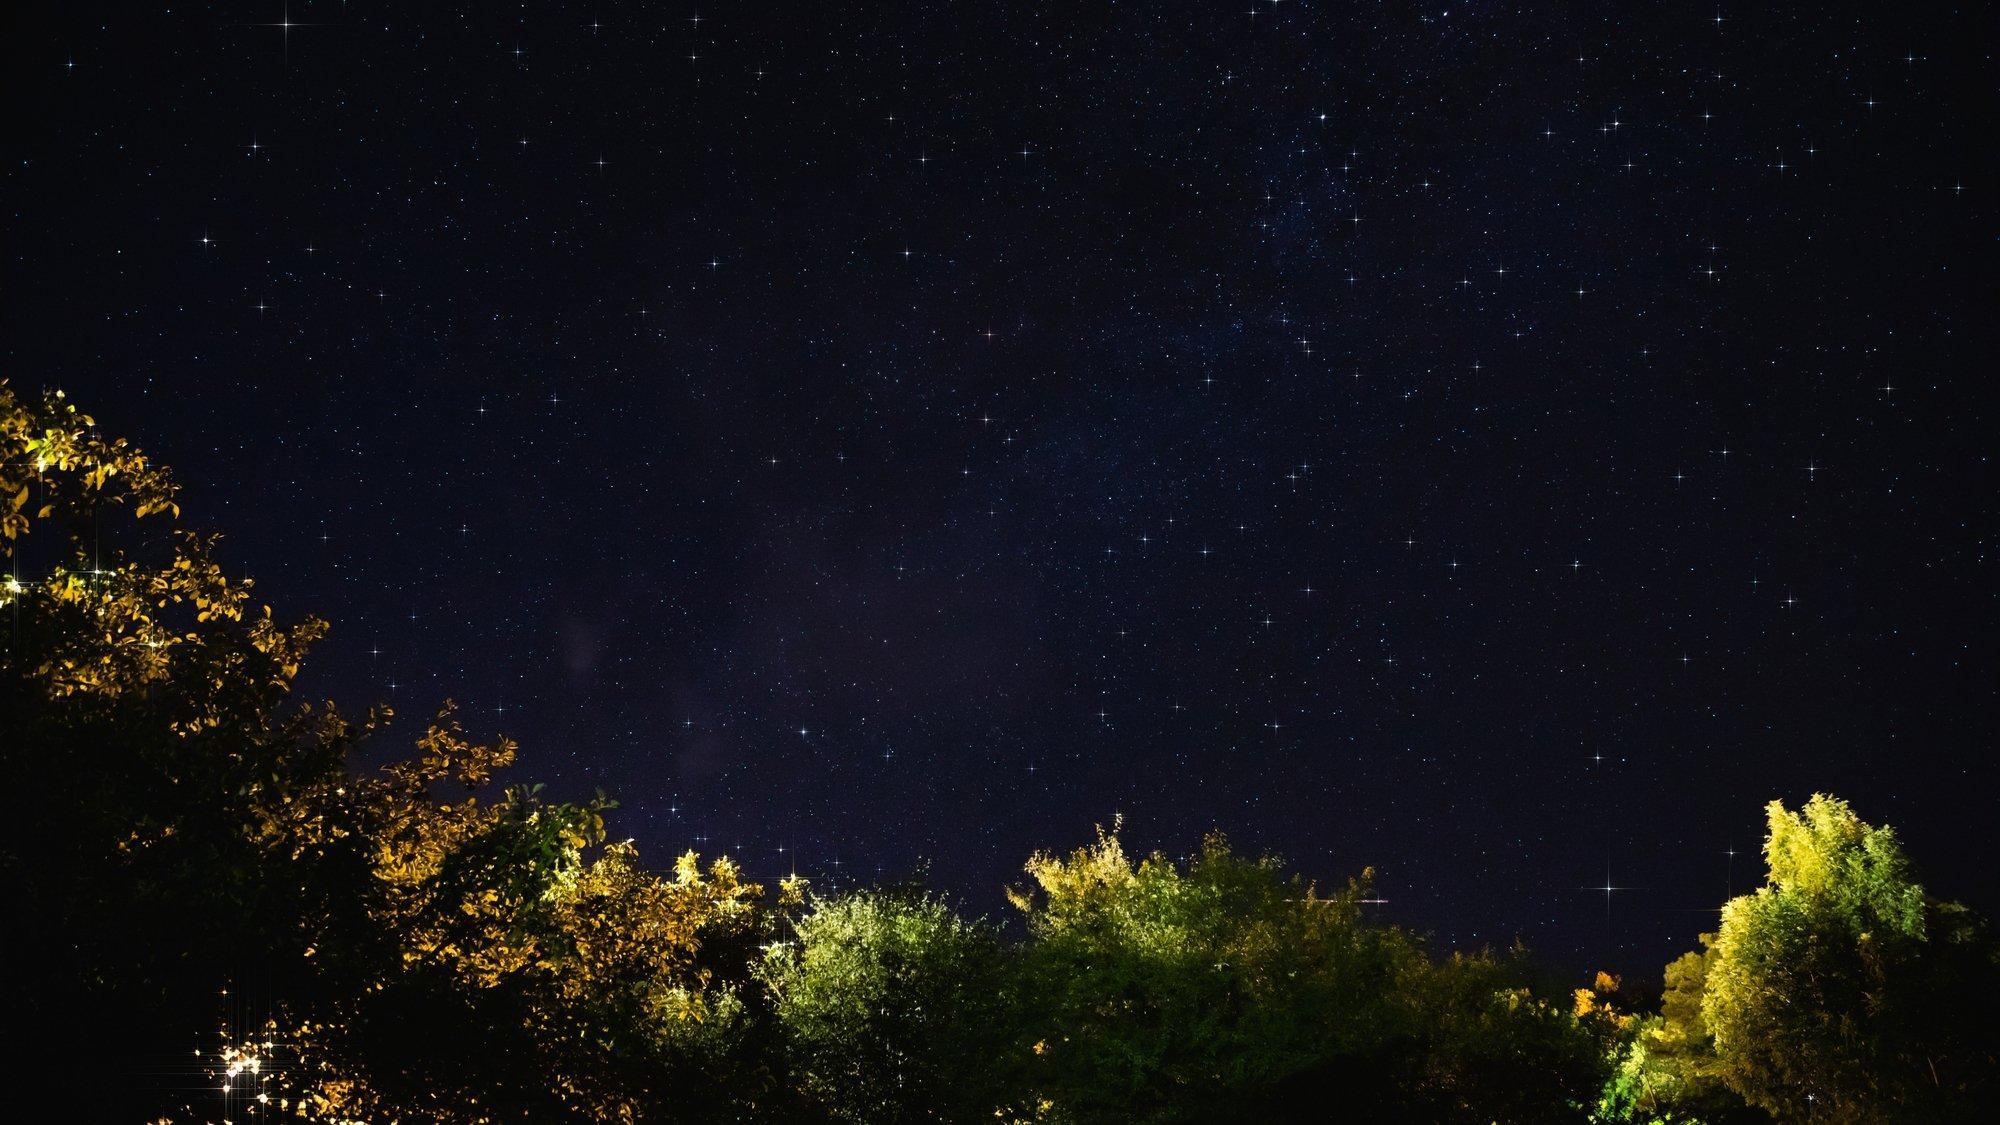 Eine Nachtszene mit Bäumen und Sternenhimmel, die Bäume werden angeleuchtet.